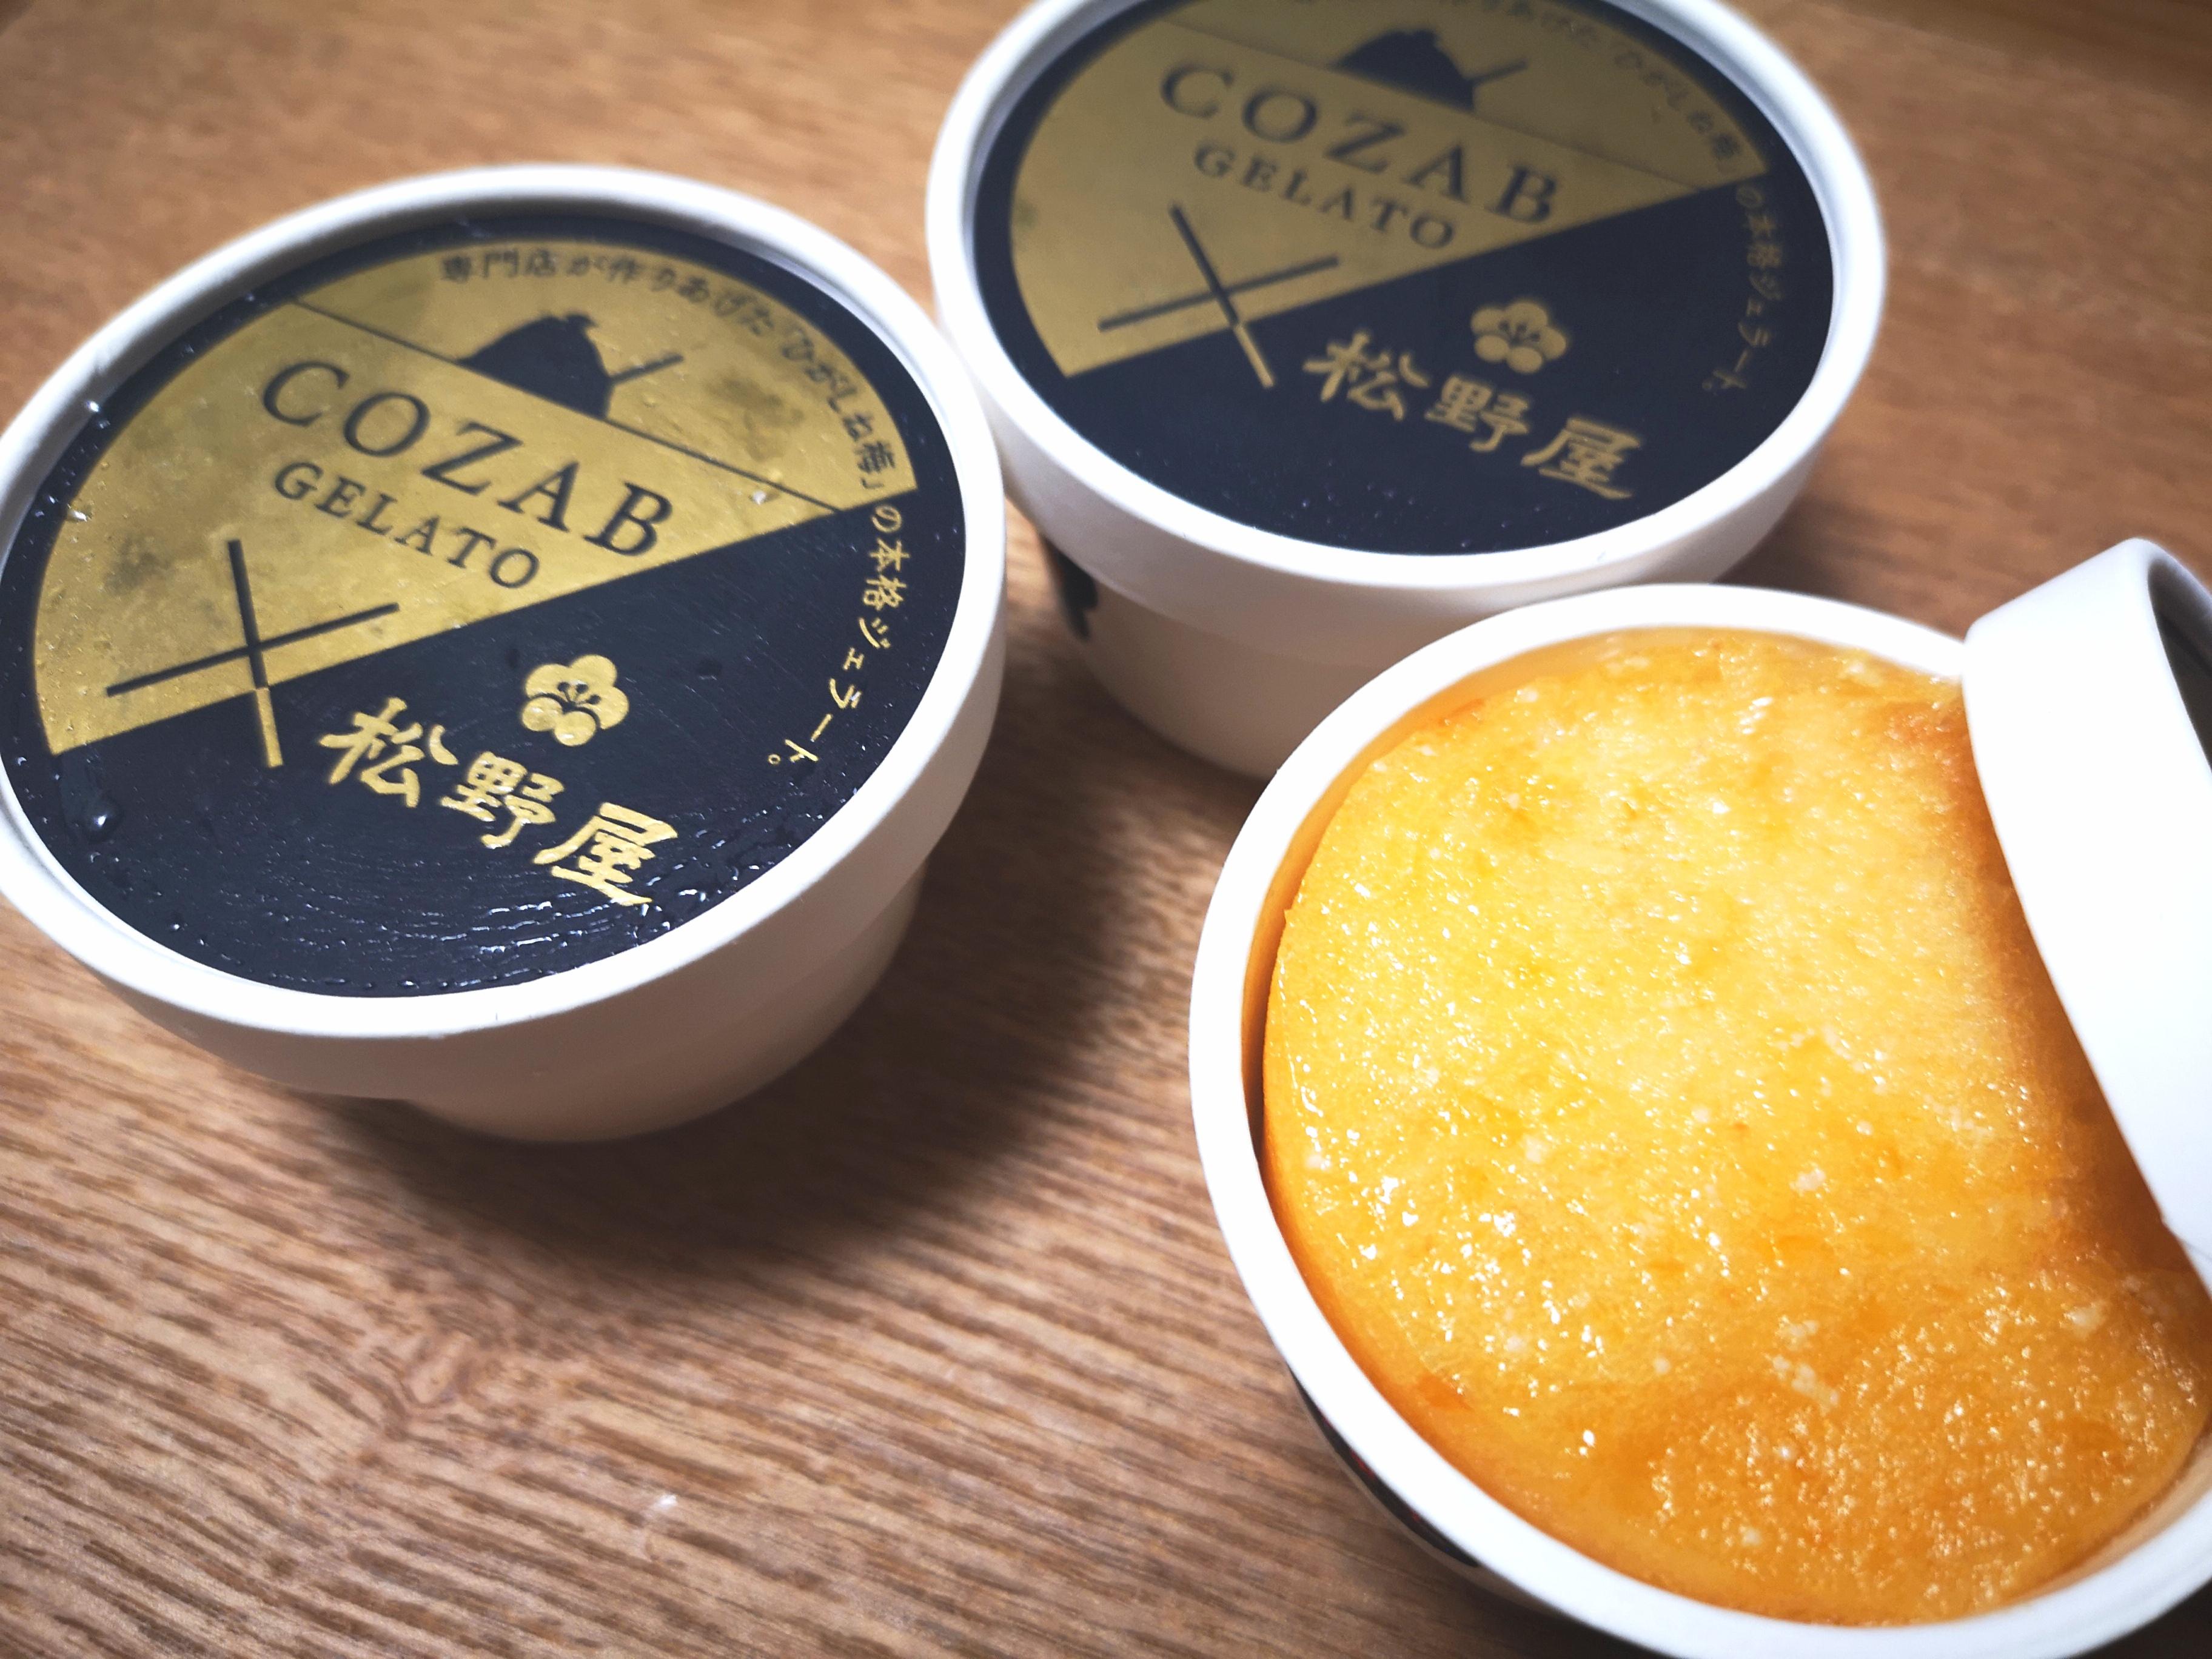 梅菓子本舗「松野屋」の完熟梅×人気有名ジェラート店「COZAB」のコラボ商品!